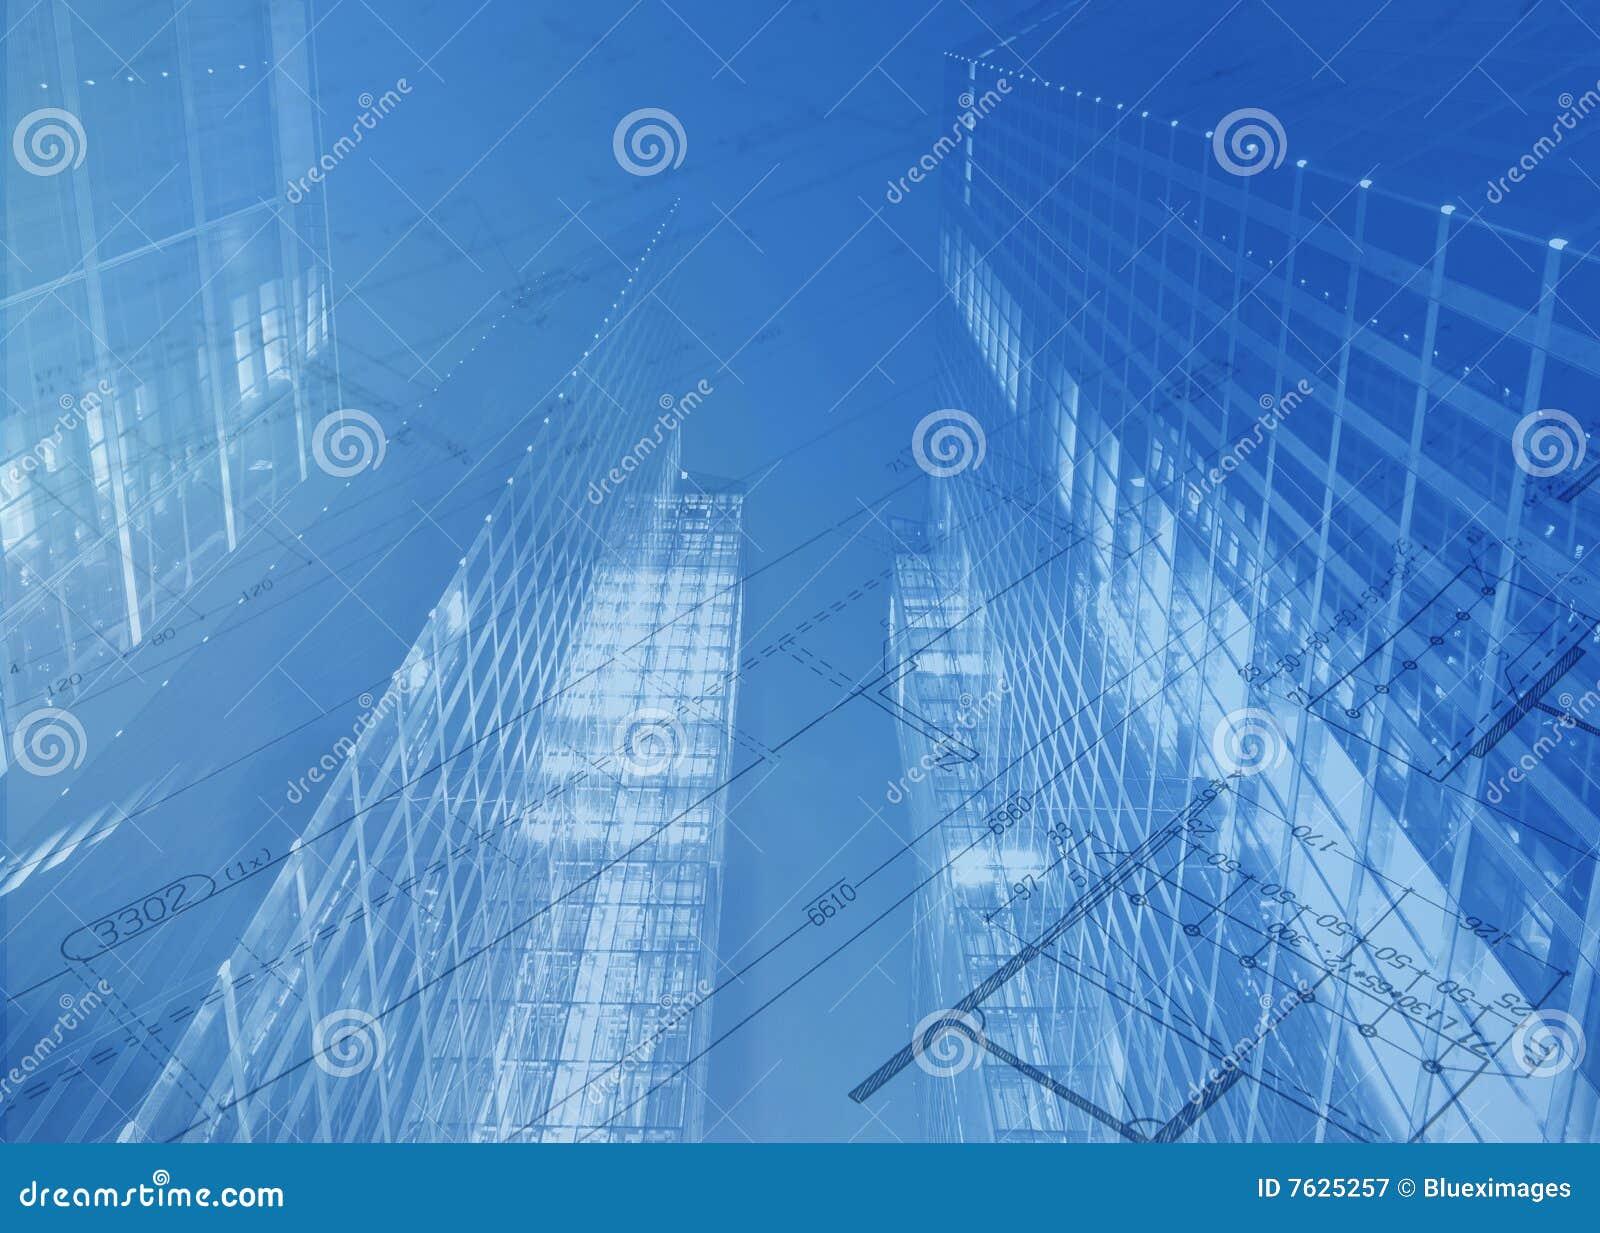 Programma della costruzione illustrazione di stock for Programma architettura gratis